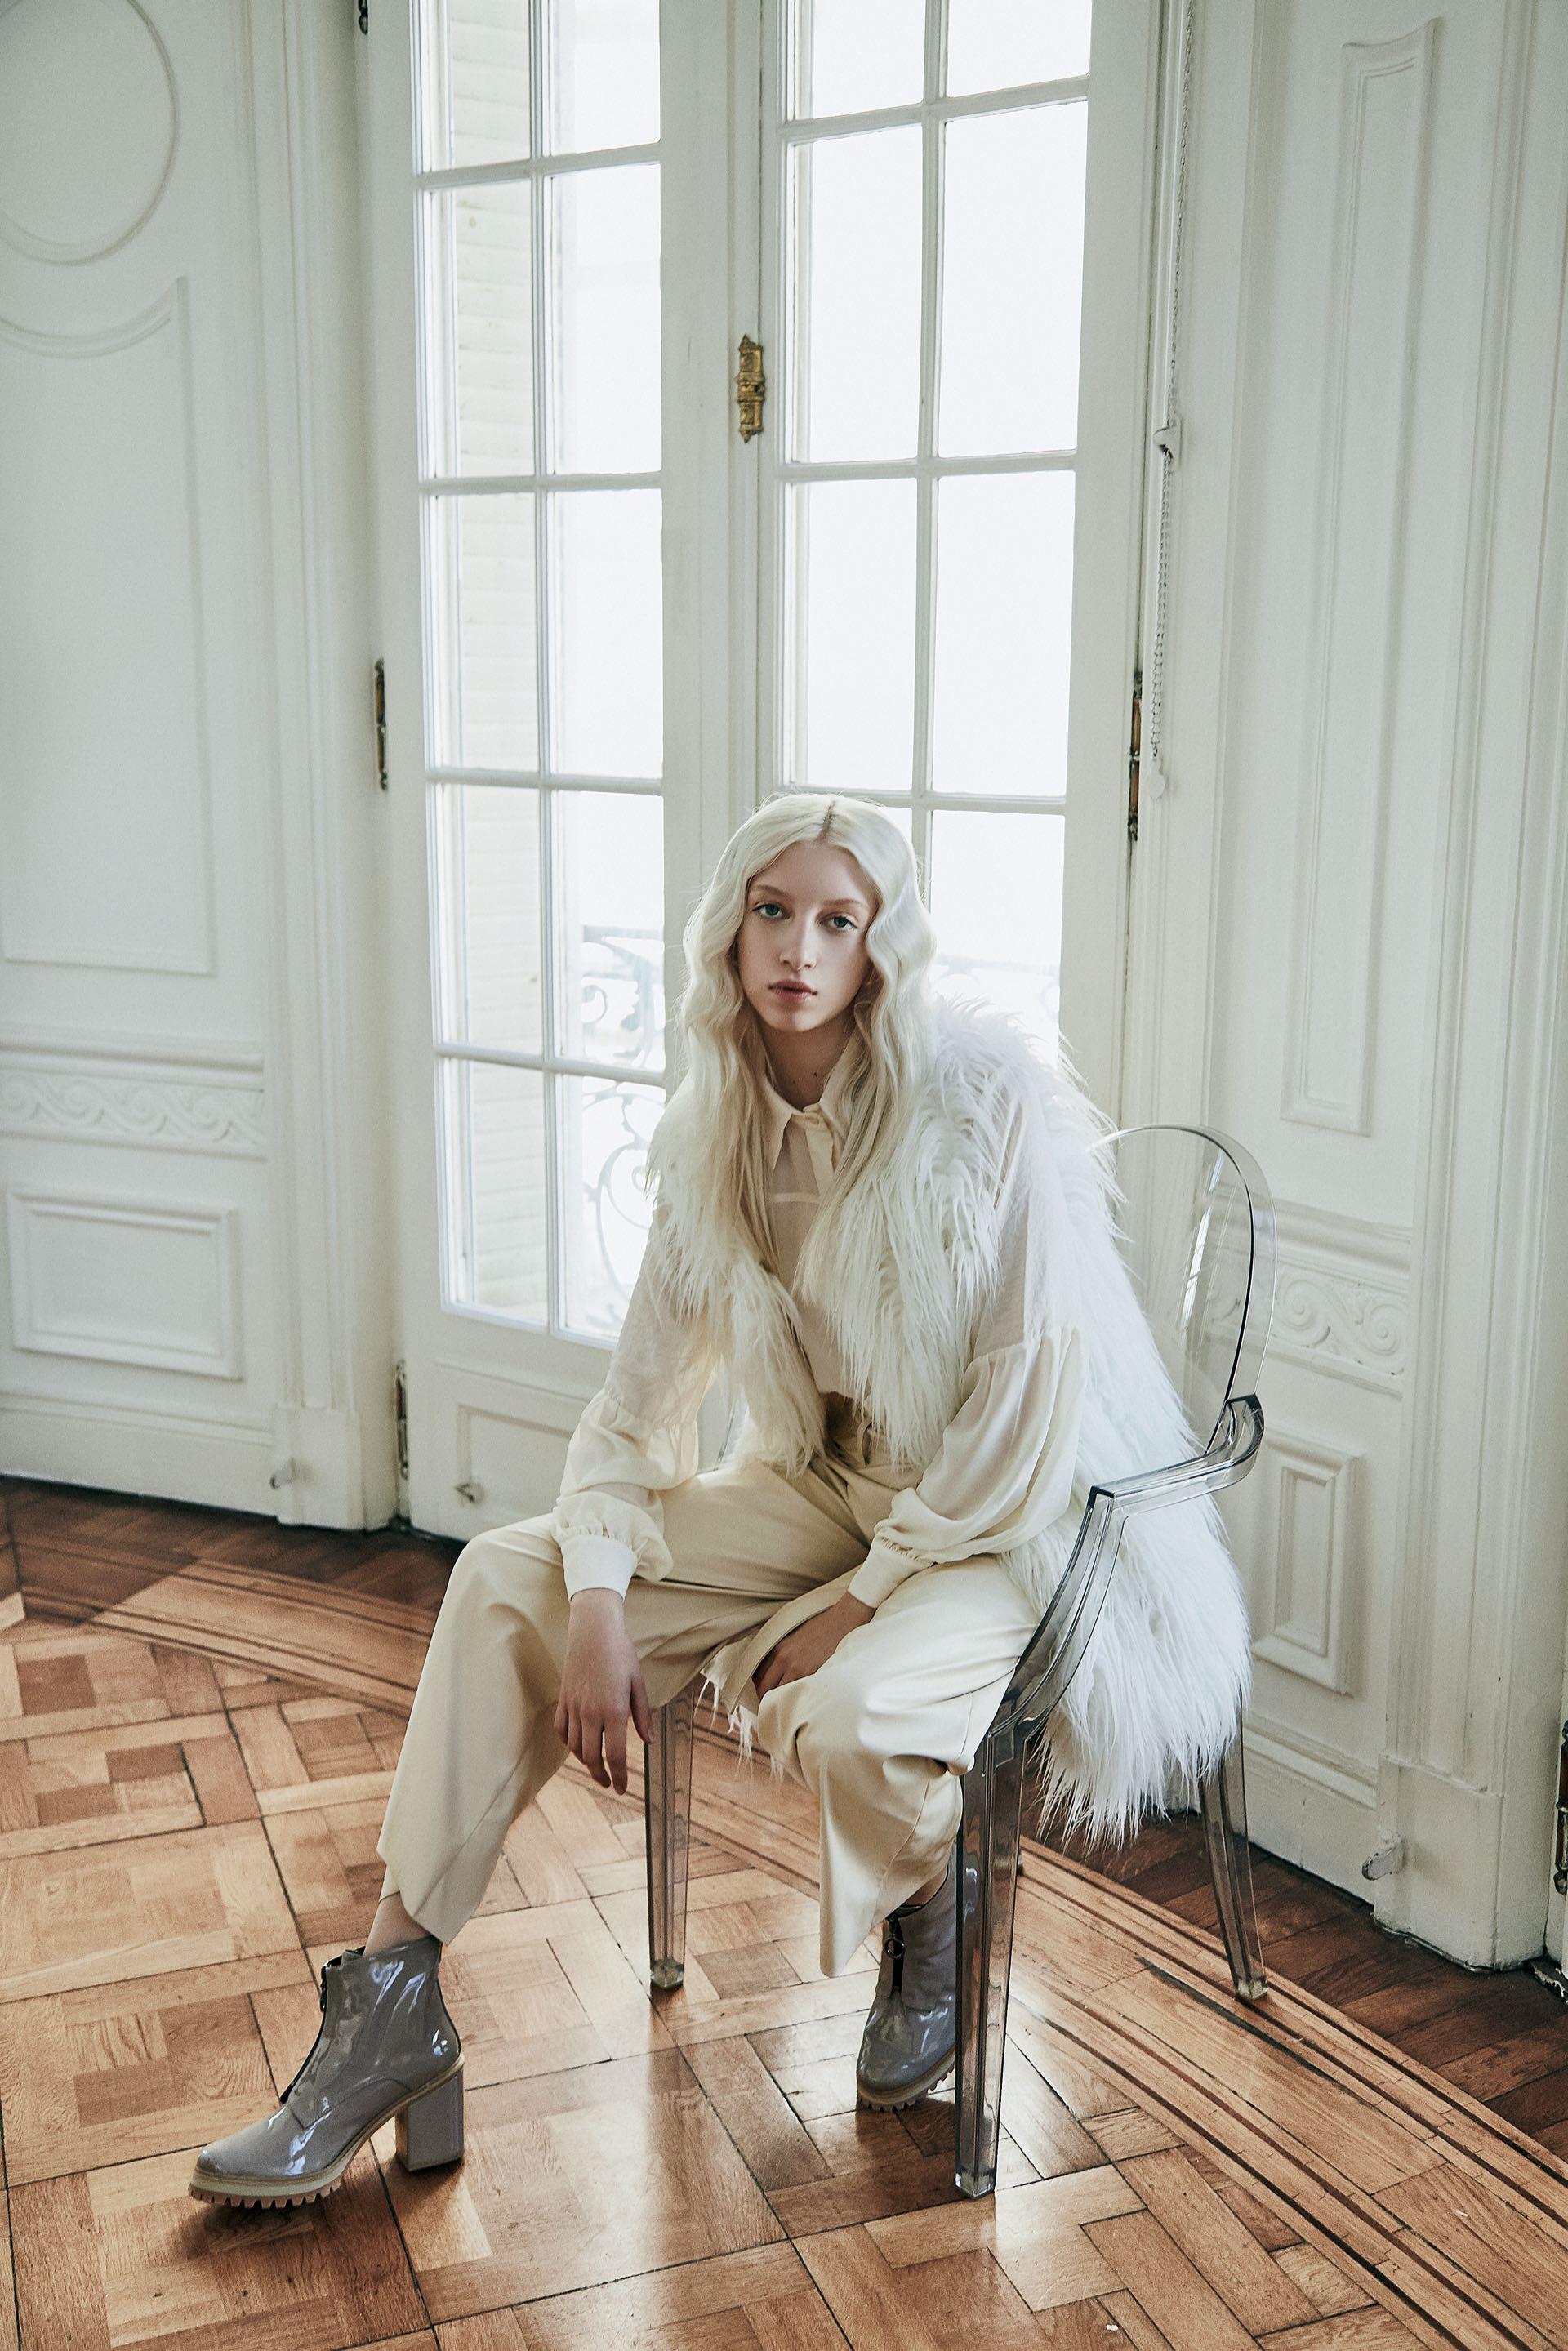 Chaleco de símil piel (India Style), camisa de seda ($ 2.187, La Cofradía) y pantalón de símil cuero ($ 7.320, Mishka). Botas ($ 4.480, Vitamina).(Foto: Chino Toccalino/ Para Ti)